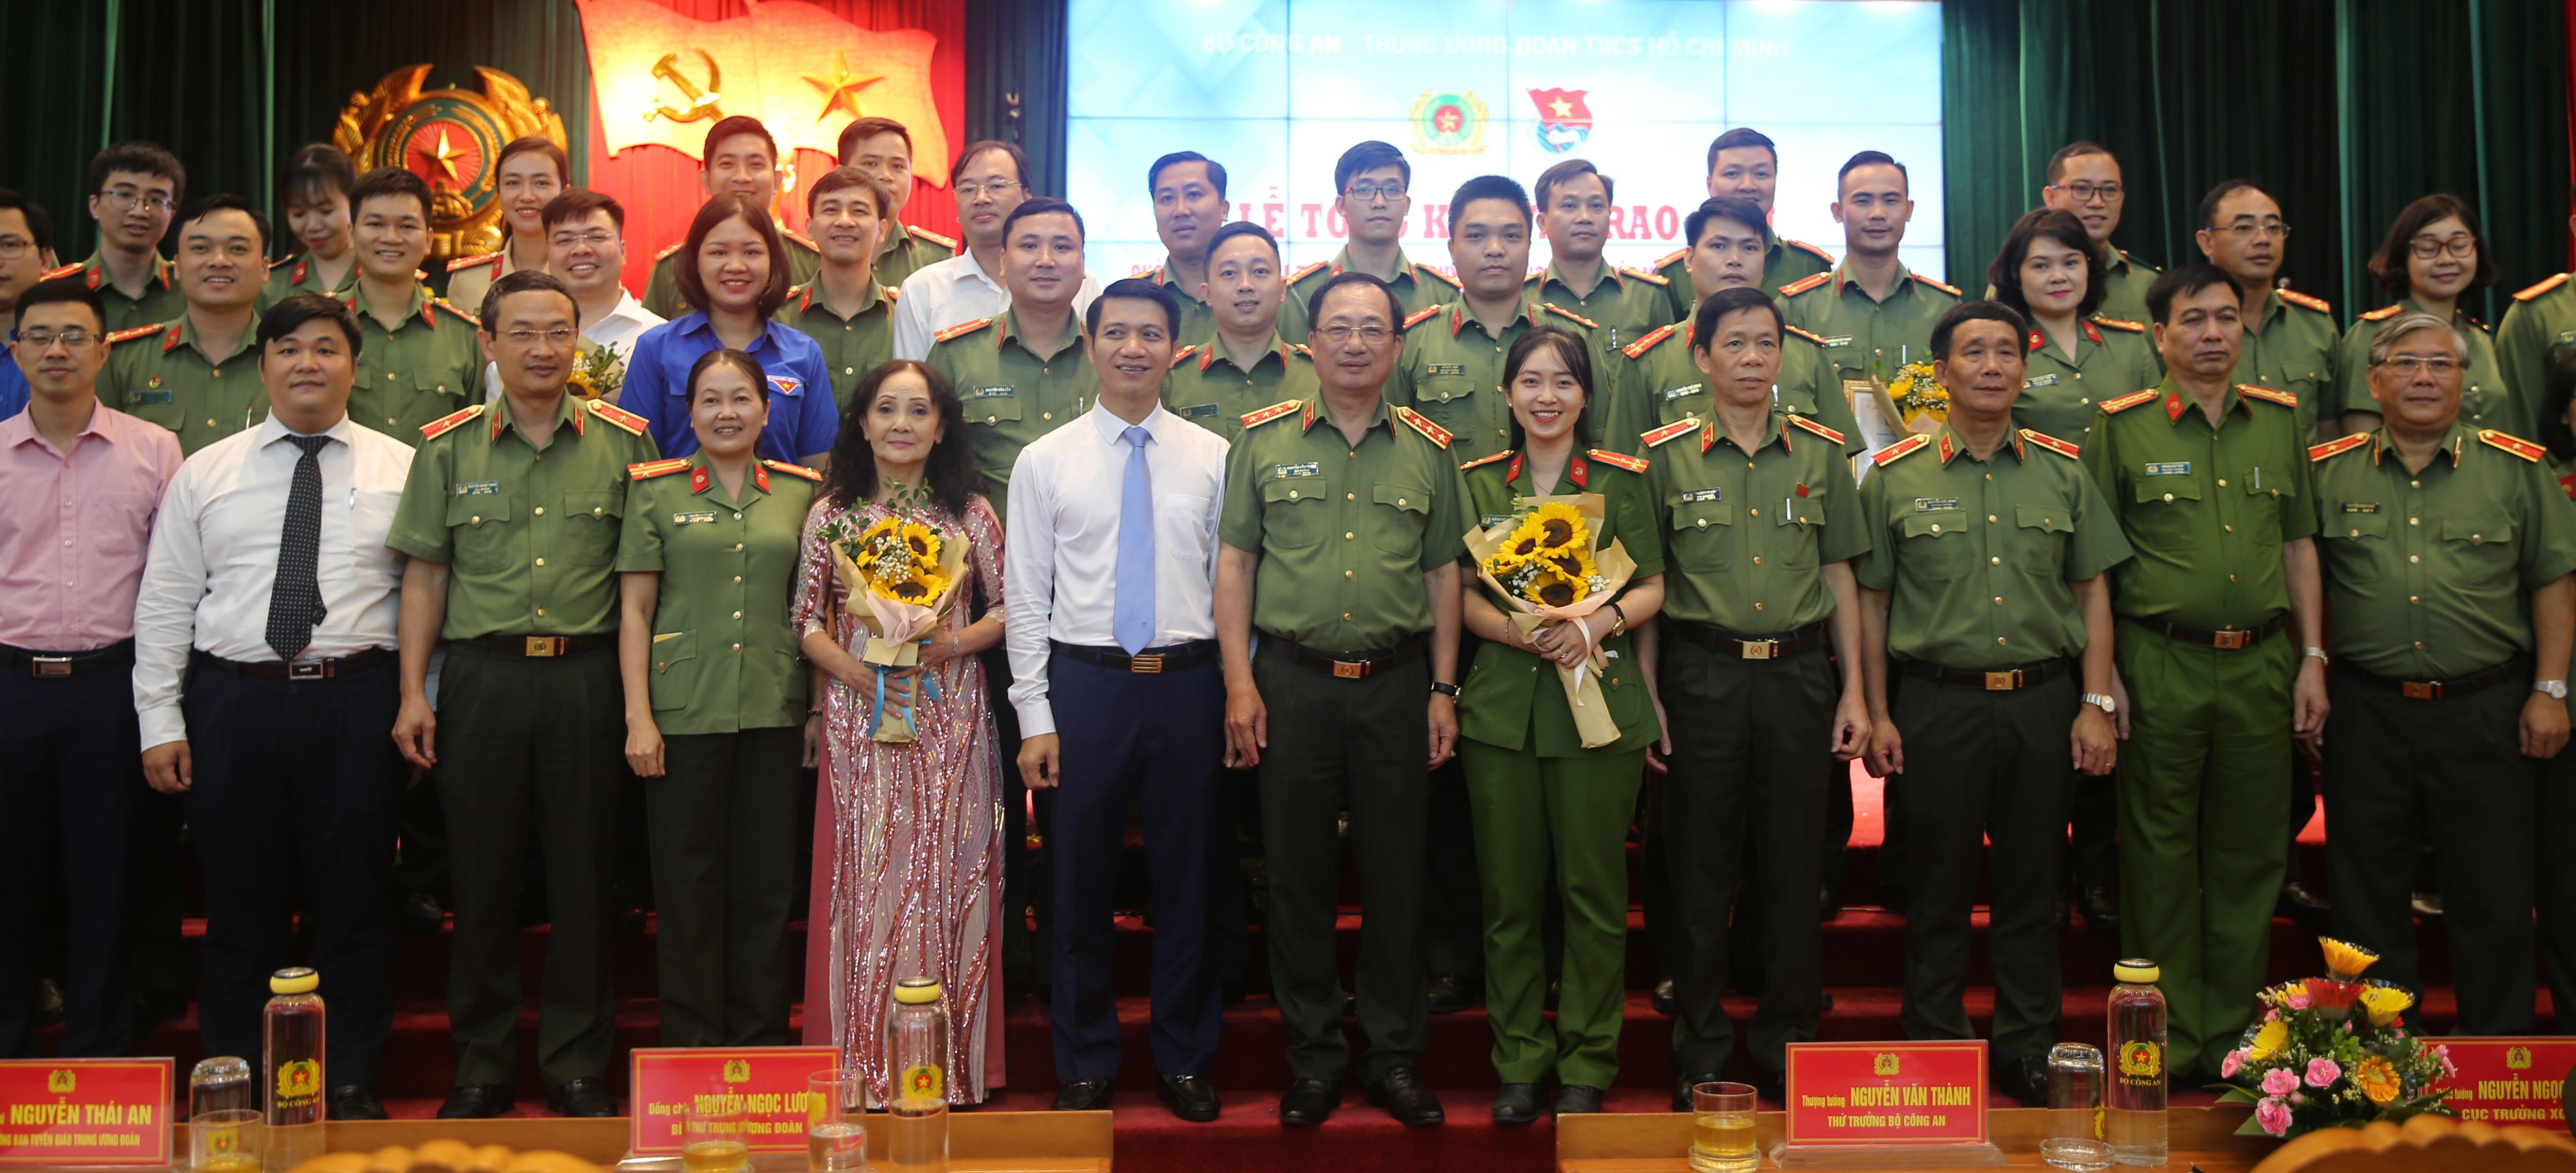 Phát huy trách nhiệm của thanh niên Công an trong xây dựng, bảo vệ Tổ quốc